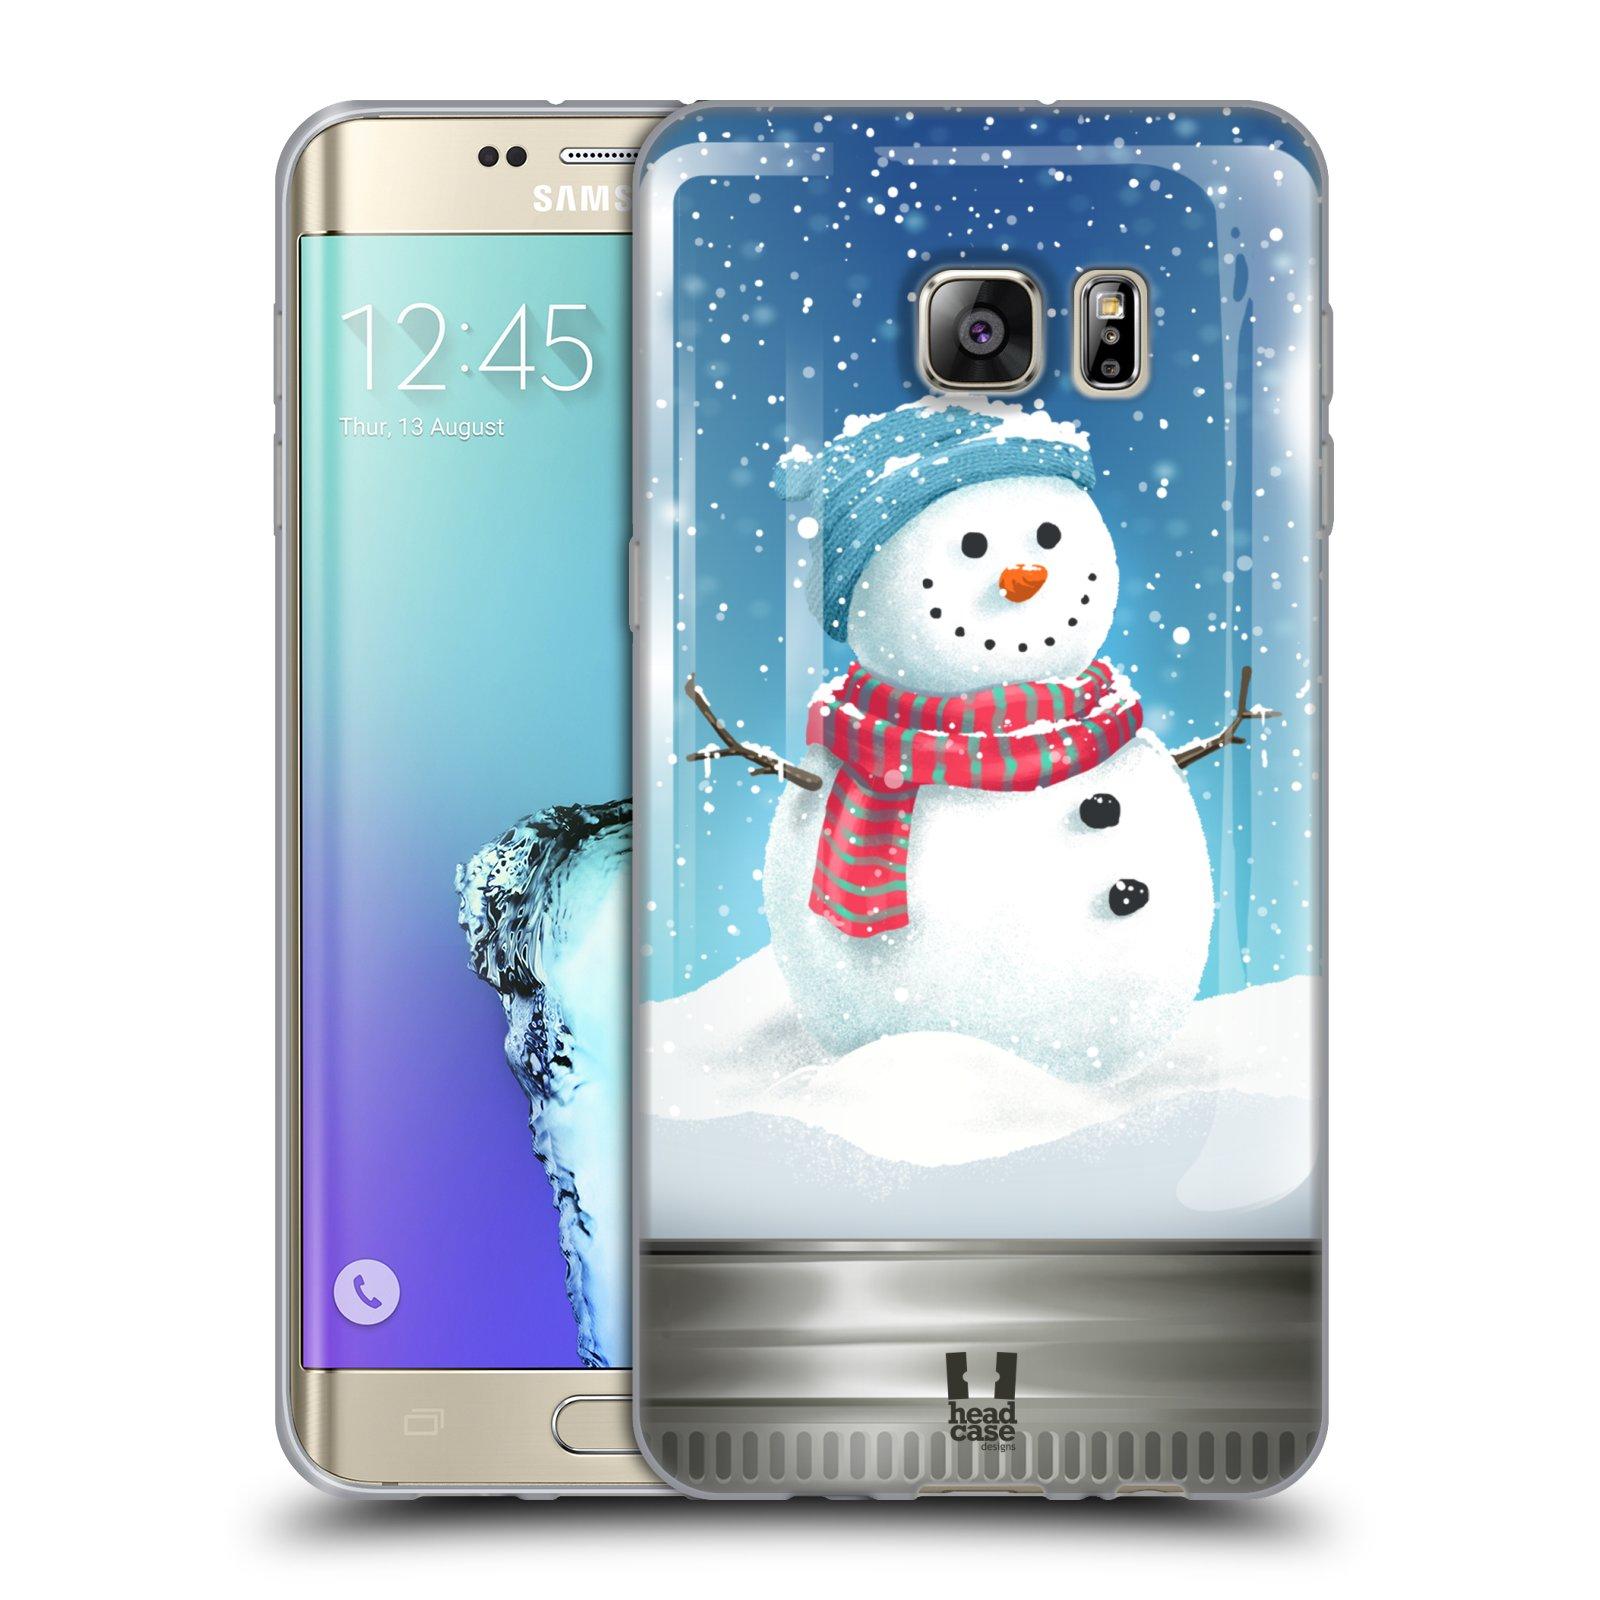 HEAD CASE silikonový obal na mobil Samsung Galaxy S6 EDGE PLUS vzor Vánoce v těžítku SNĚHULÁK